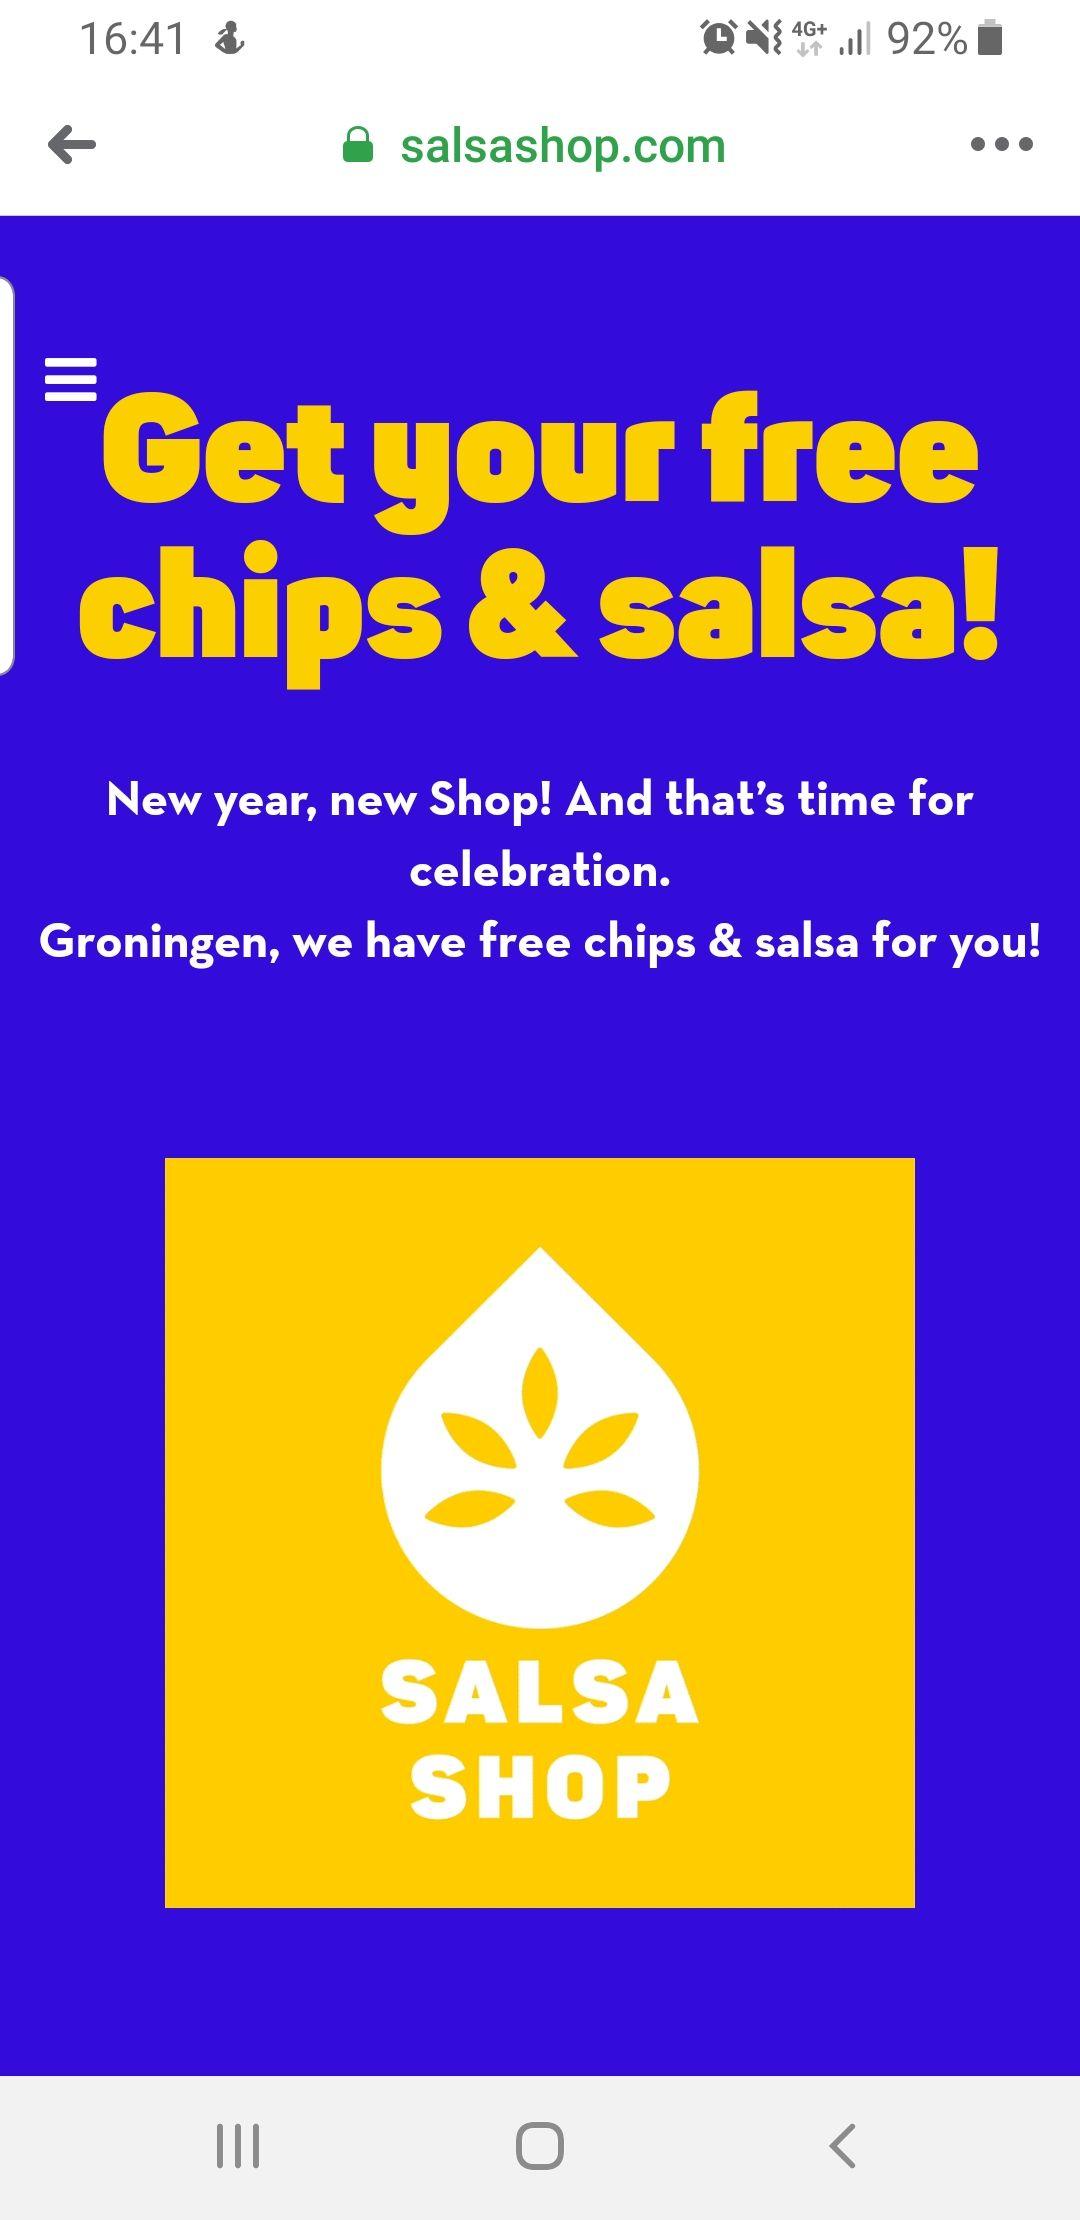 (Lokaal) Gratis chips+salsa bij Salsa Shop Groningen